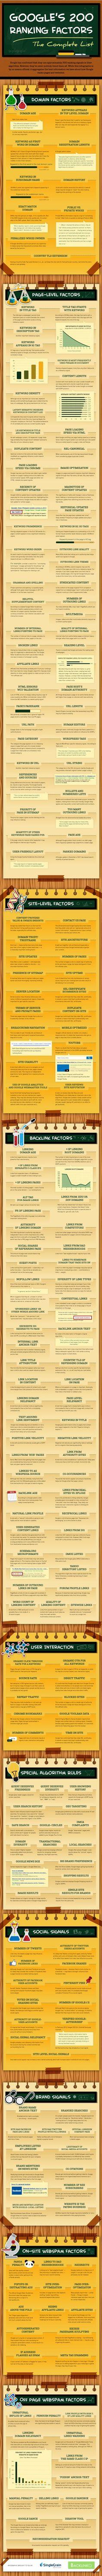 [Infographie] La liste ultra complète des 200 facteurs de référencement de GOOGLE || Google's 200 Ranking Factors - The Complete List - #infographic #SEO